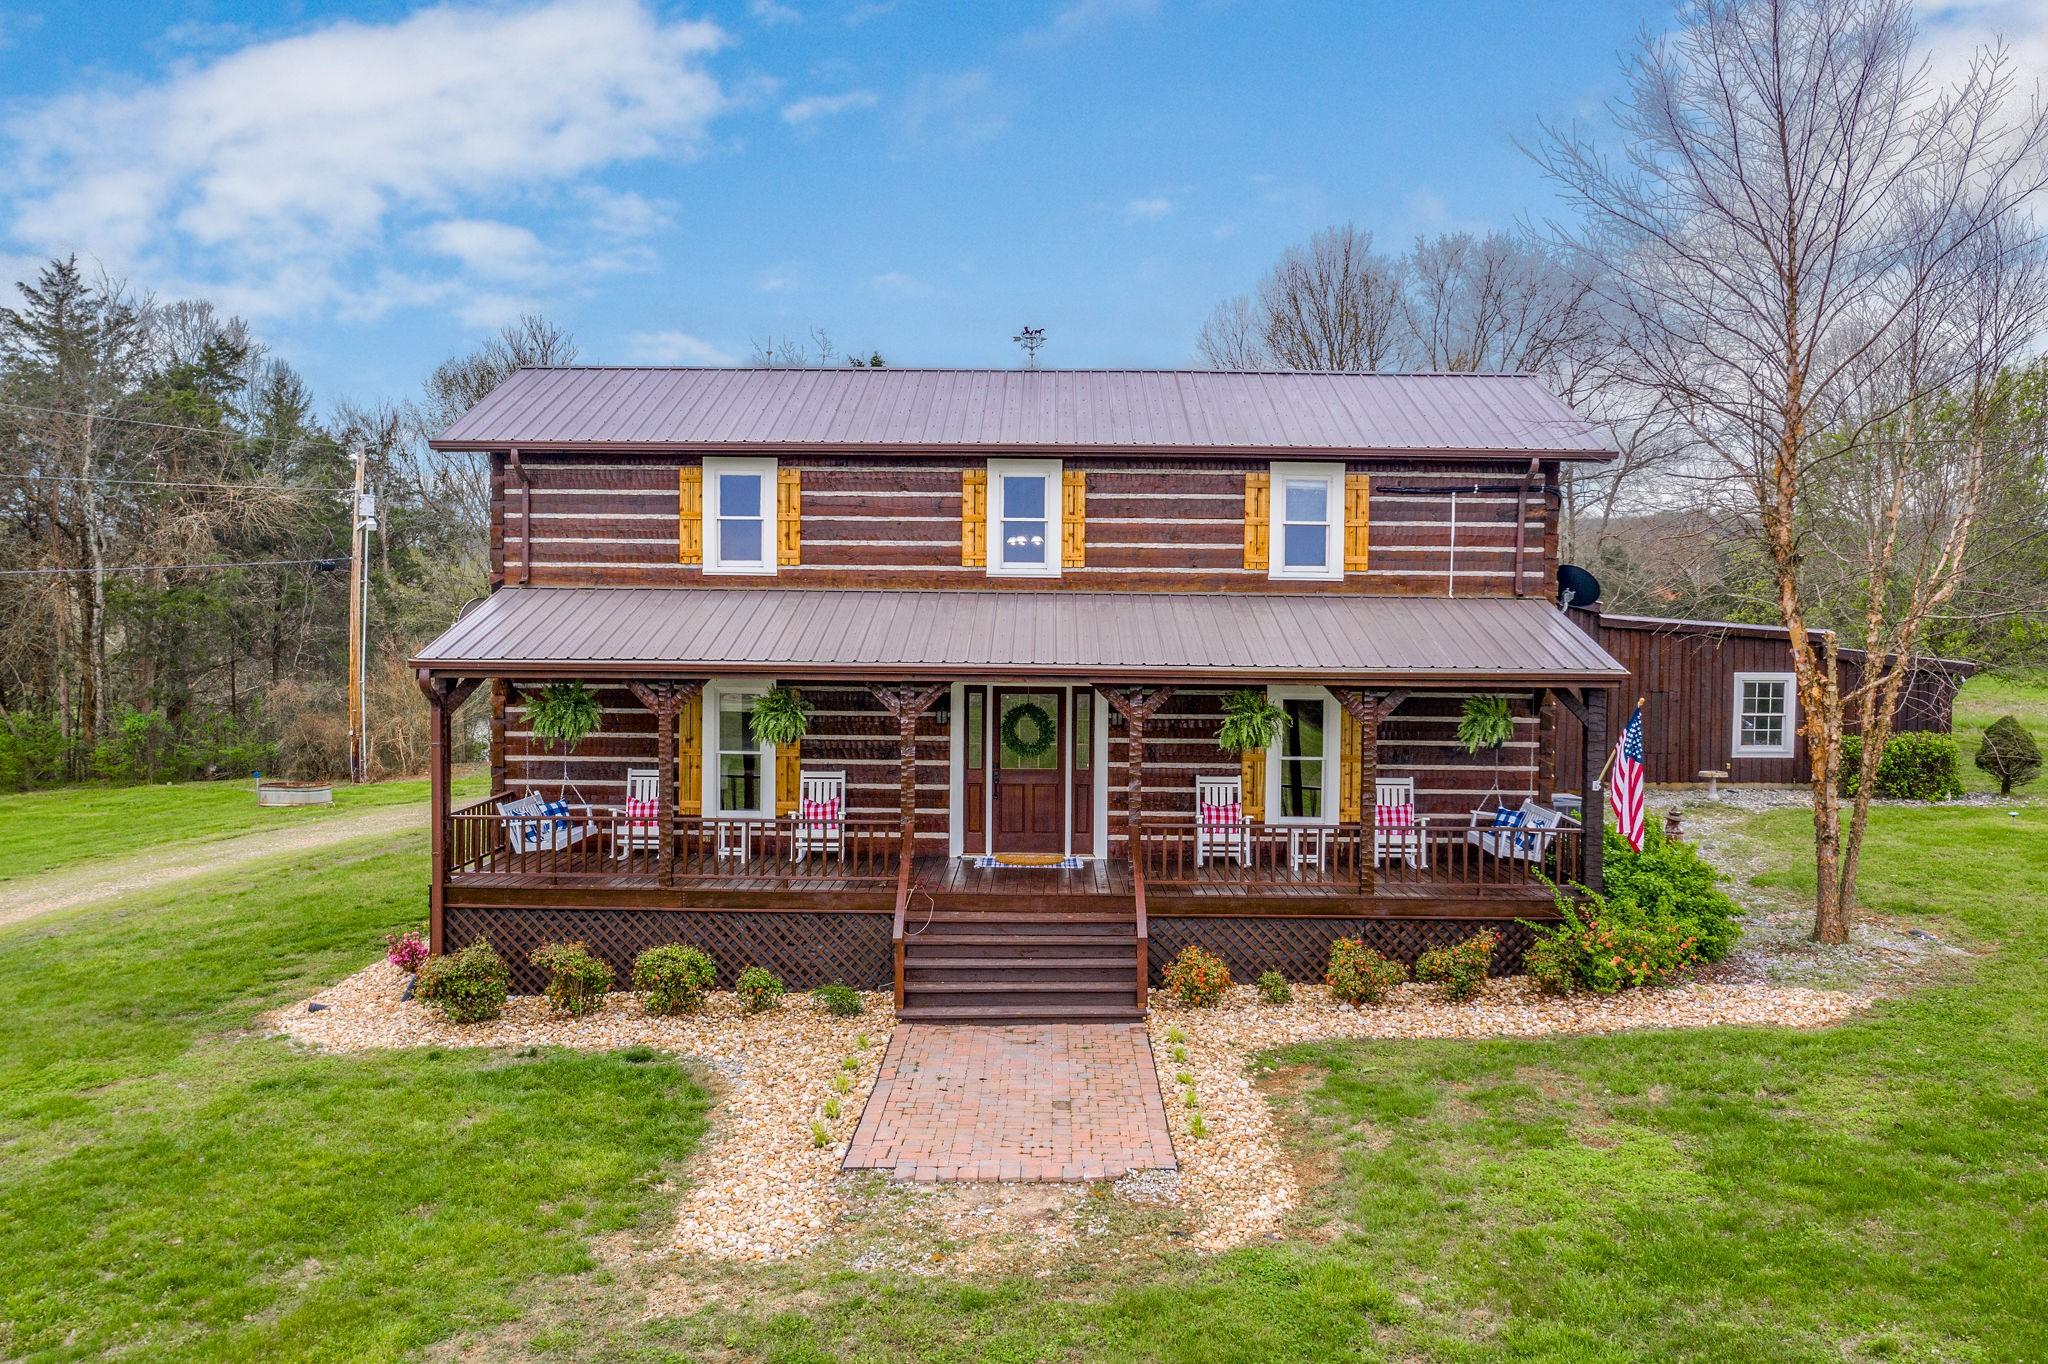 280 Cactus Trl, Readyville, TN 37149 - Readyville, TN real estate listing